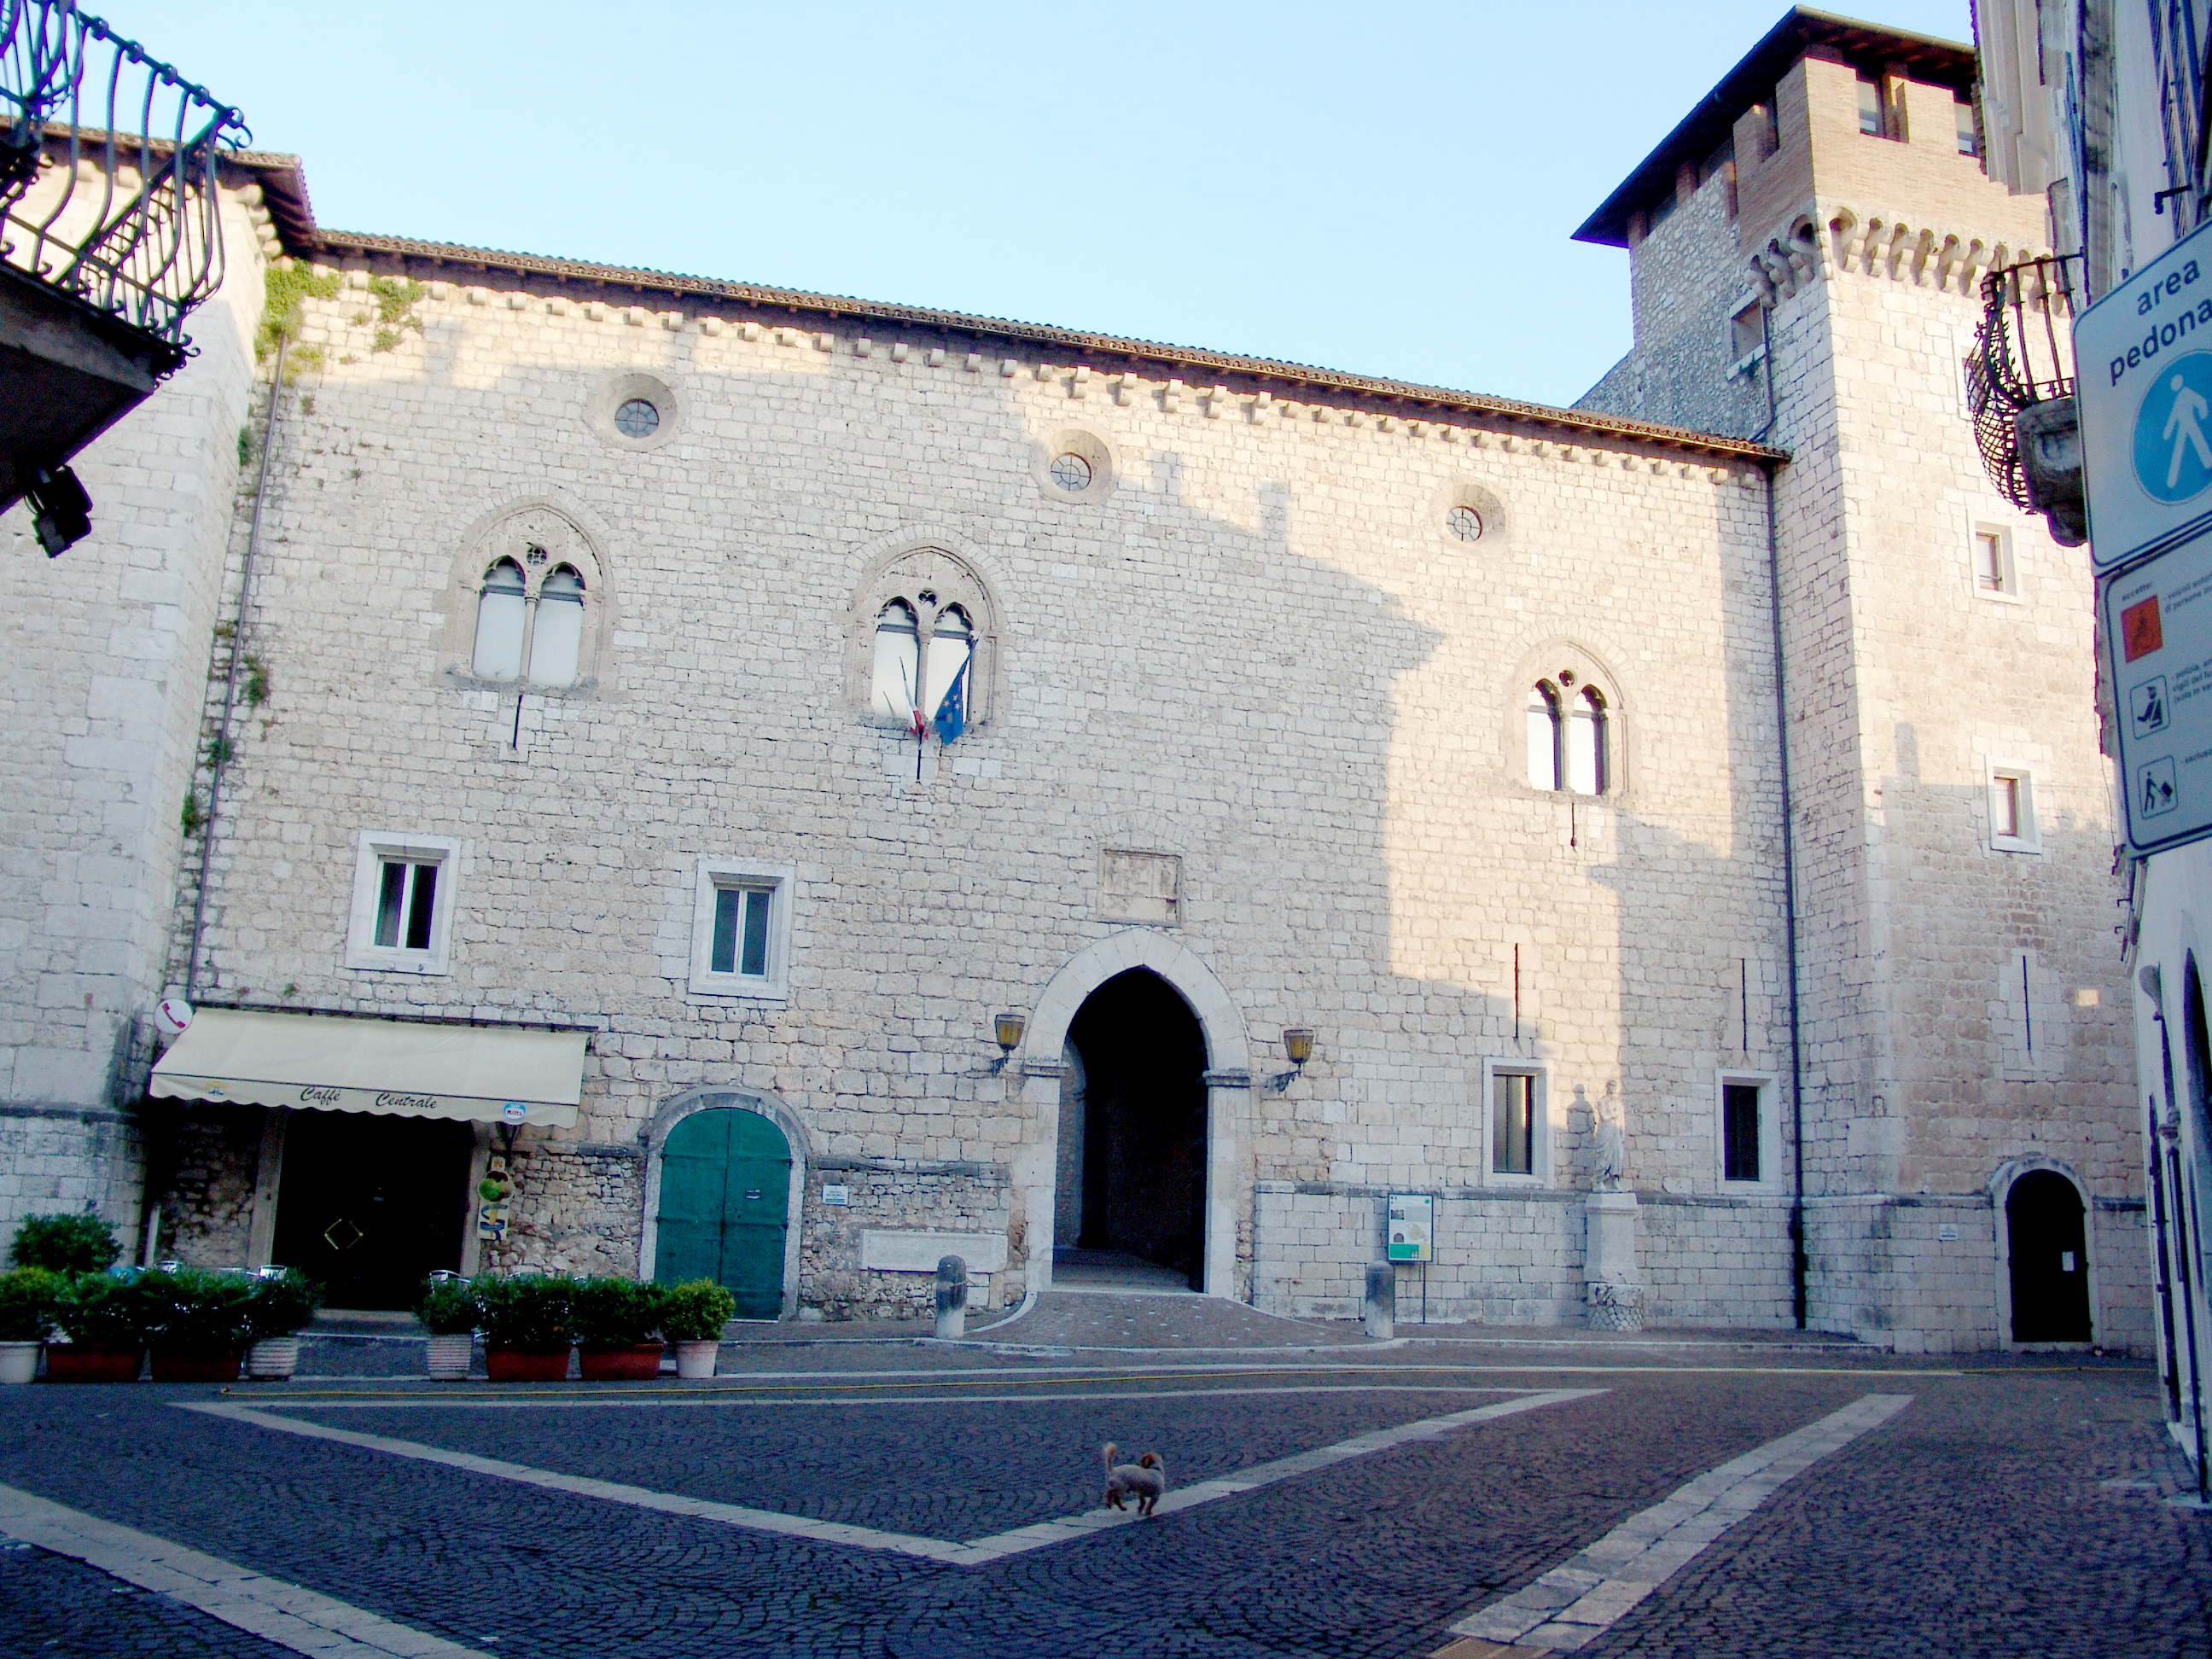 Palazzo Cantelmi Piazza Saturno